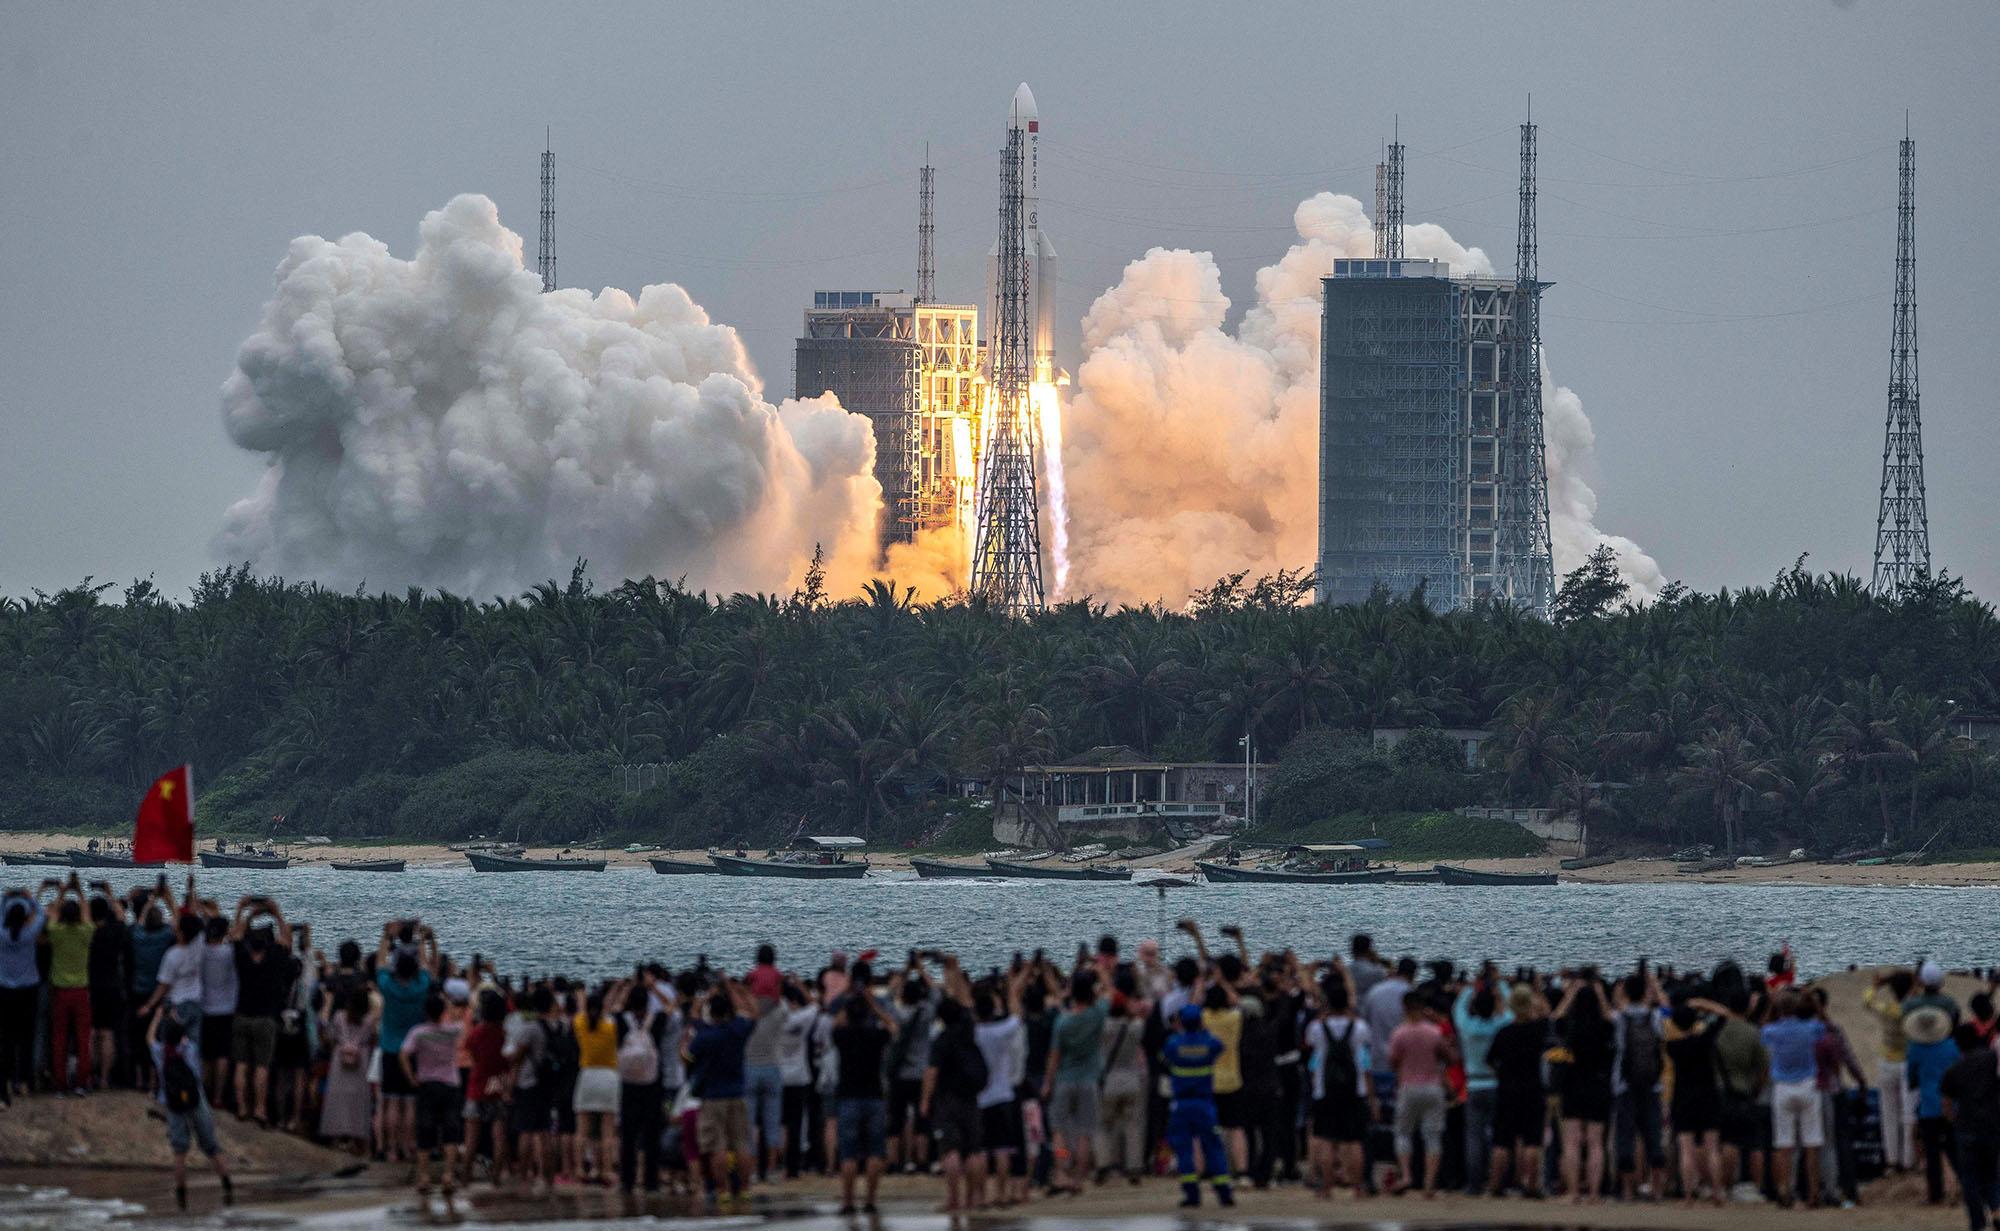 Les gens regardent une fusée Longue Marche 5B, transportant le module central de la station spatiale chinoise Tianhe, alors qu'elle décolle du centre de lancement spatial de Wenchang dans la province de Hainan, dans le sud de la Chine, le 29 avril 2021.